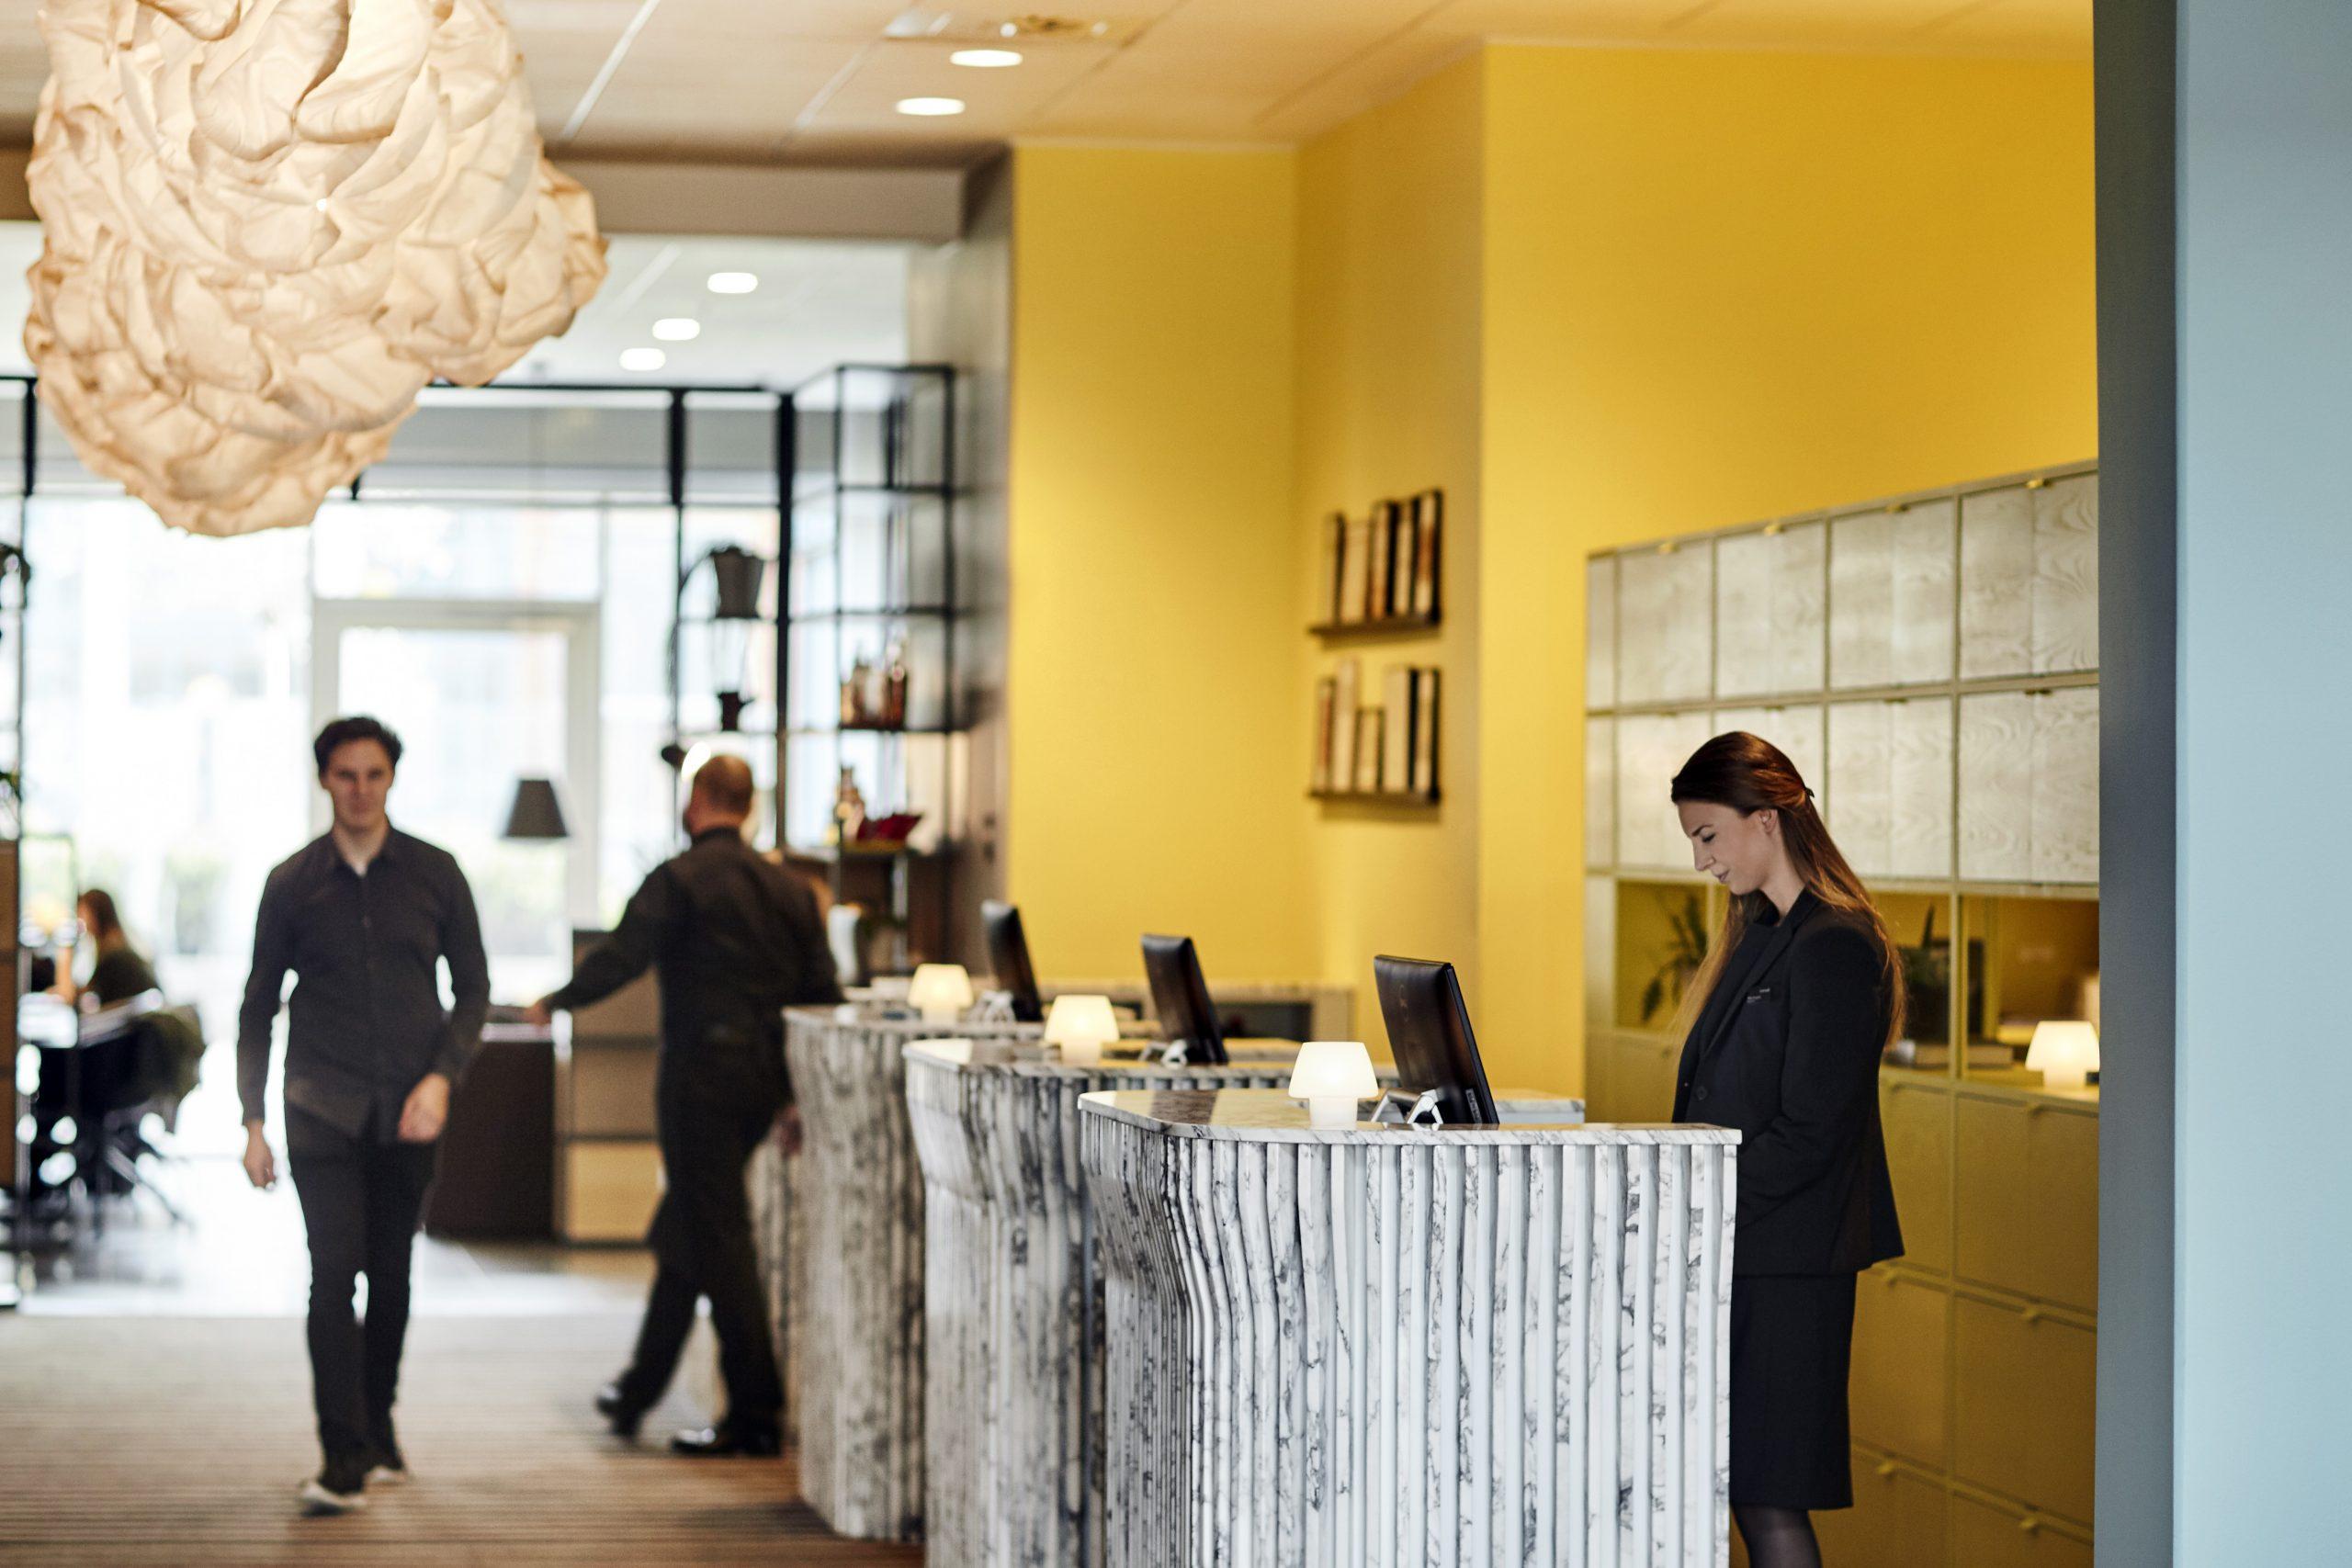 Comwell genåbner nu sine midlertidigt lukkede hoteller i Danmark. Kæden driver 15 hoteller i Danmark og to i Sverige samt Centralværkstedet og Smedien i Aarhus. Desuden samarbejder koncernen med BC (Bella Center) Hospitality Group om Comwell Conference Center Copenhagen. Pressefoto: Comwell Hotels.